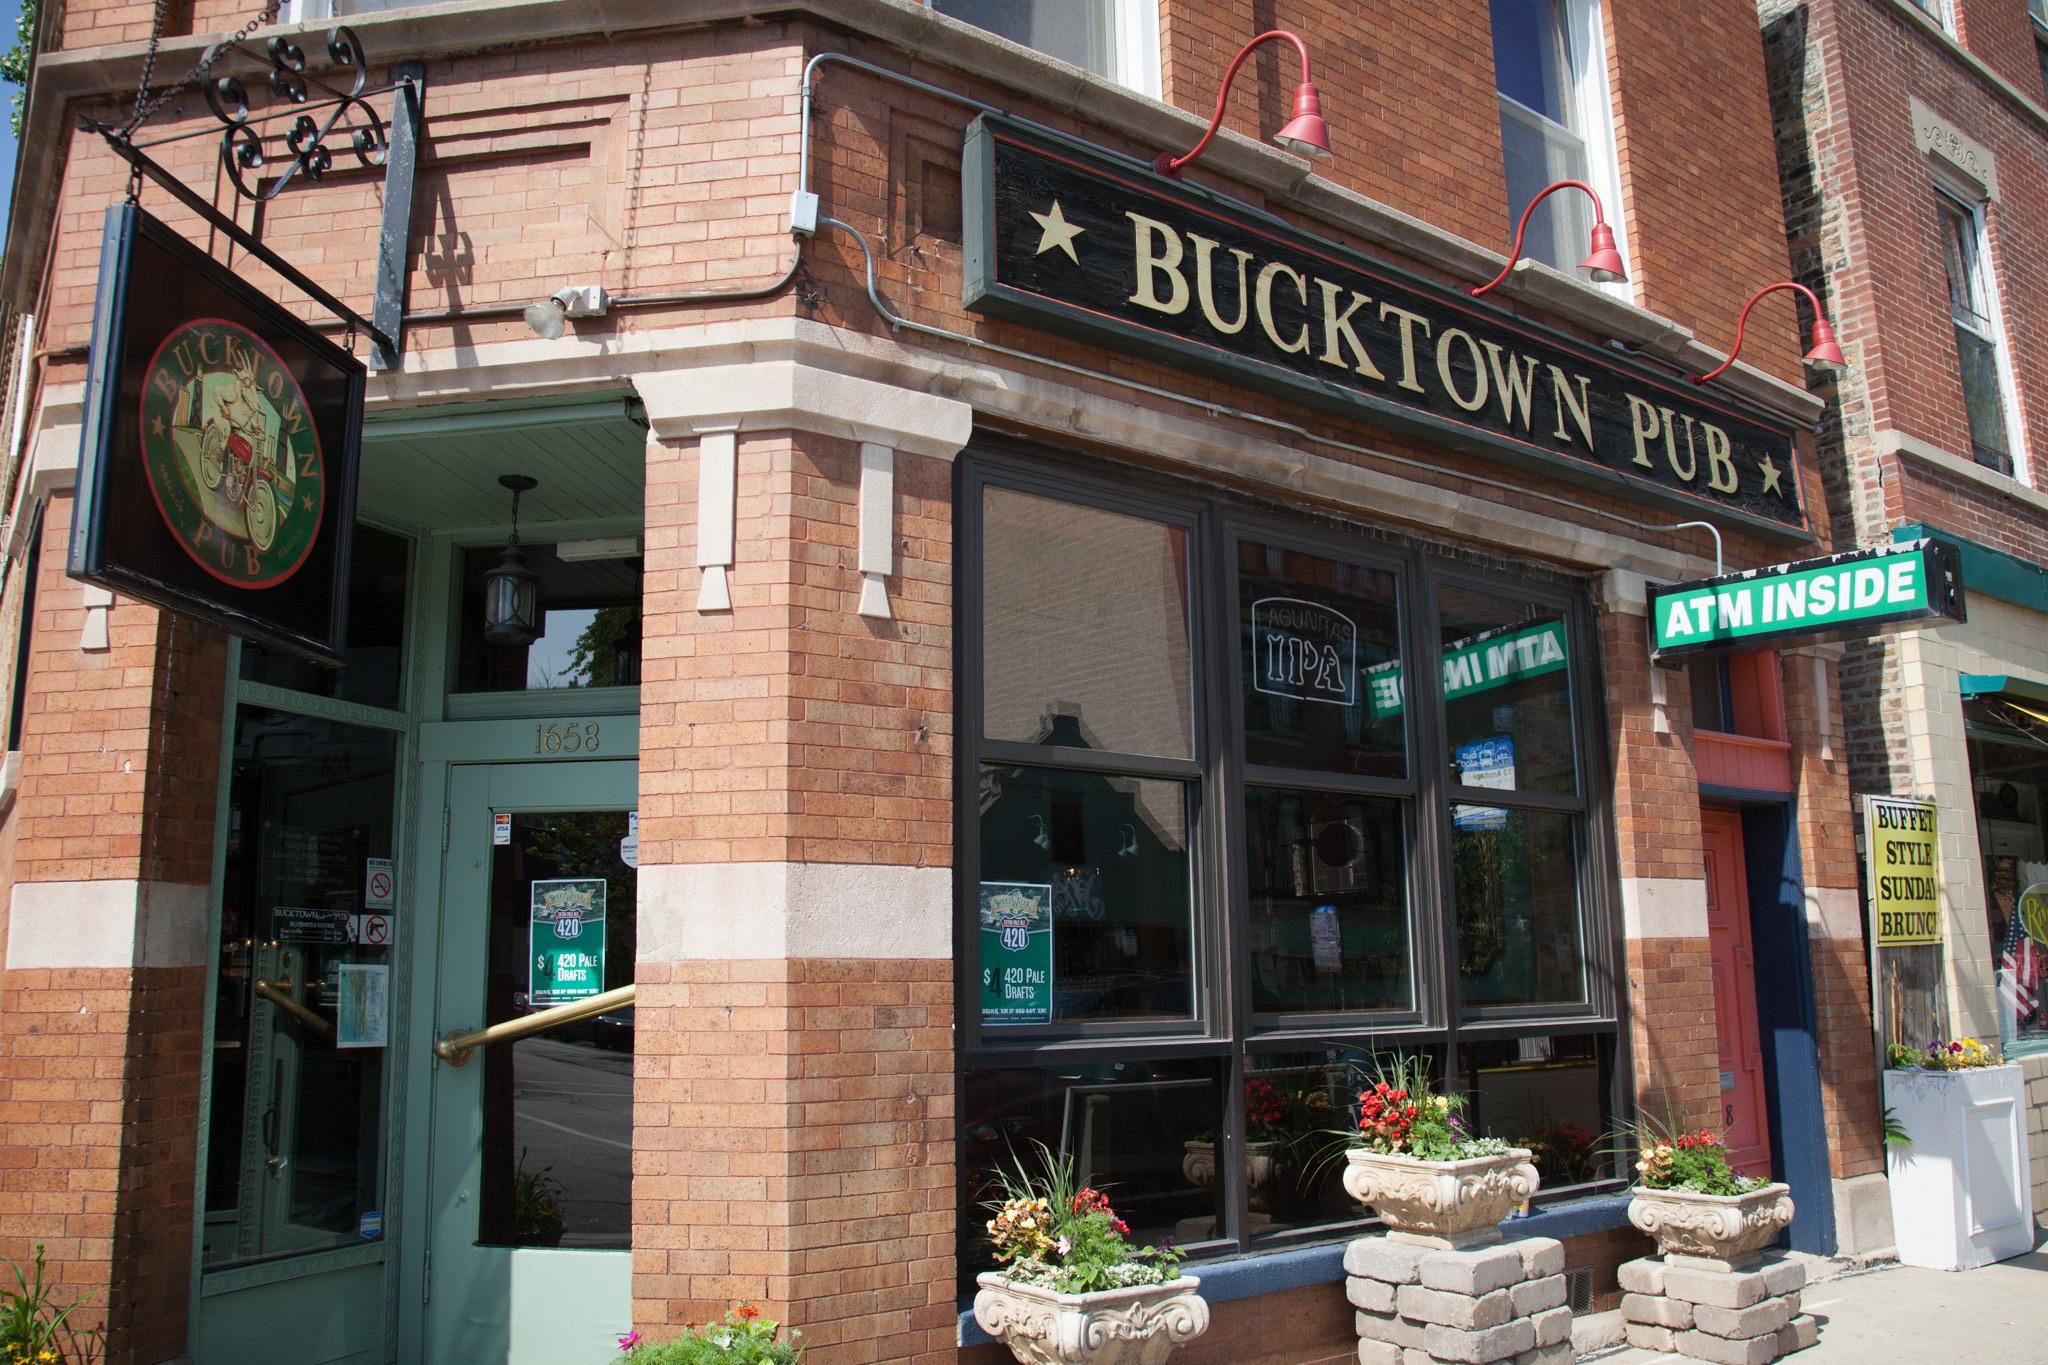 Bucktown Pub